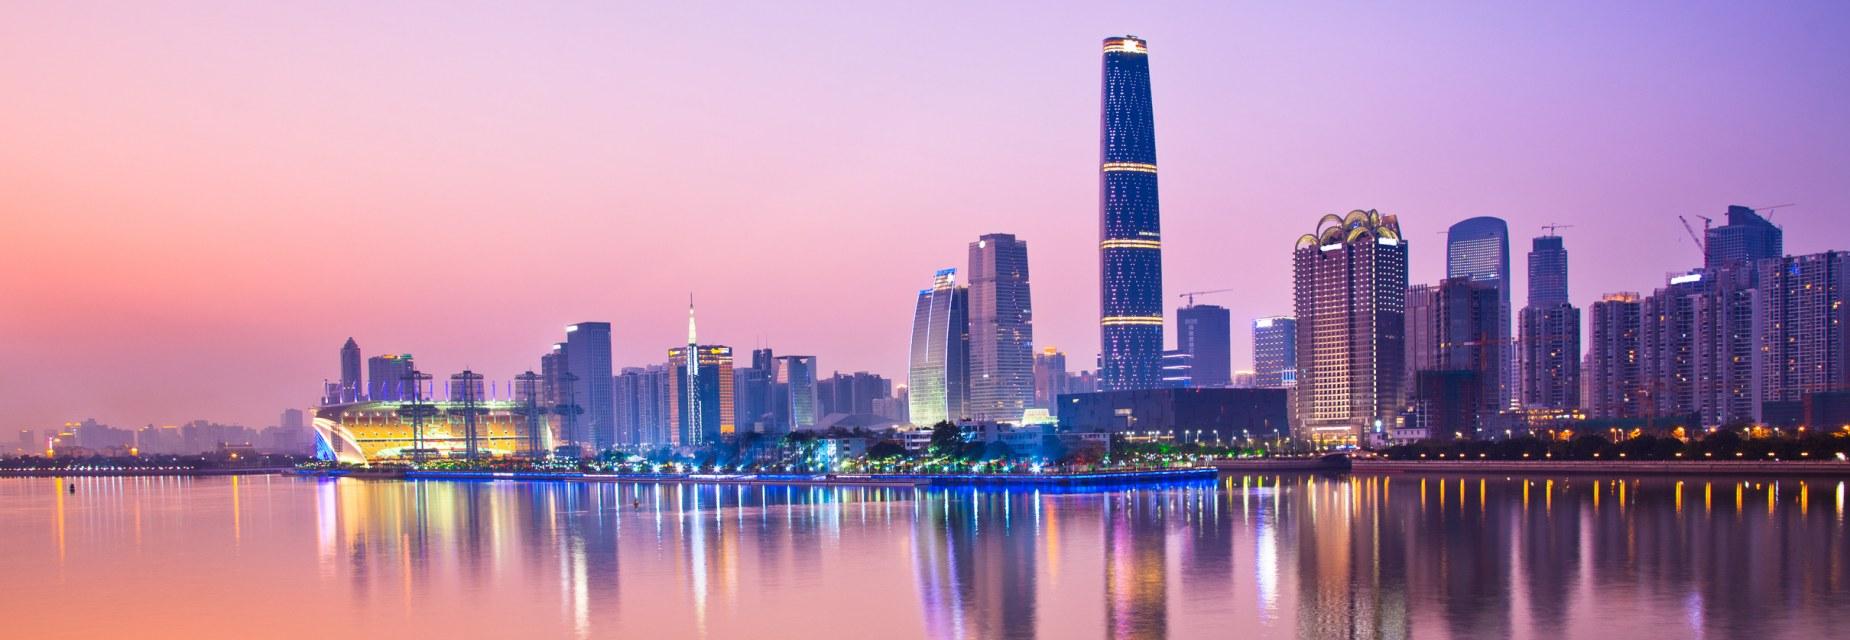 Когда планировать поездку в Китай за мебелью